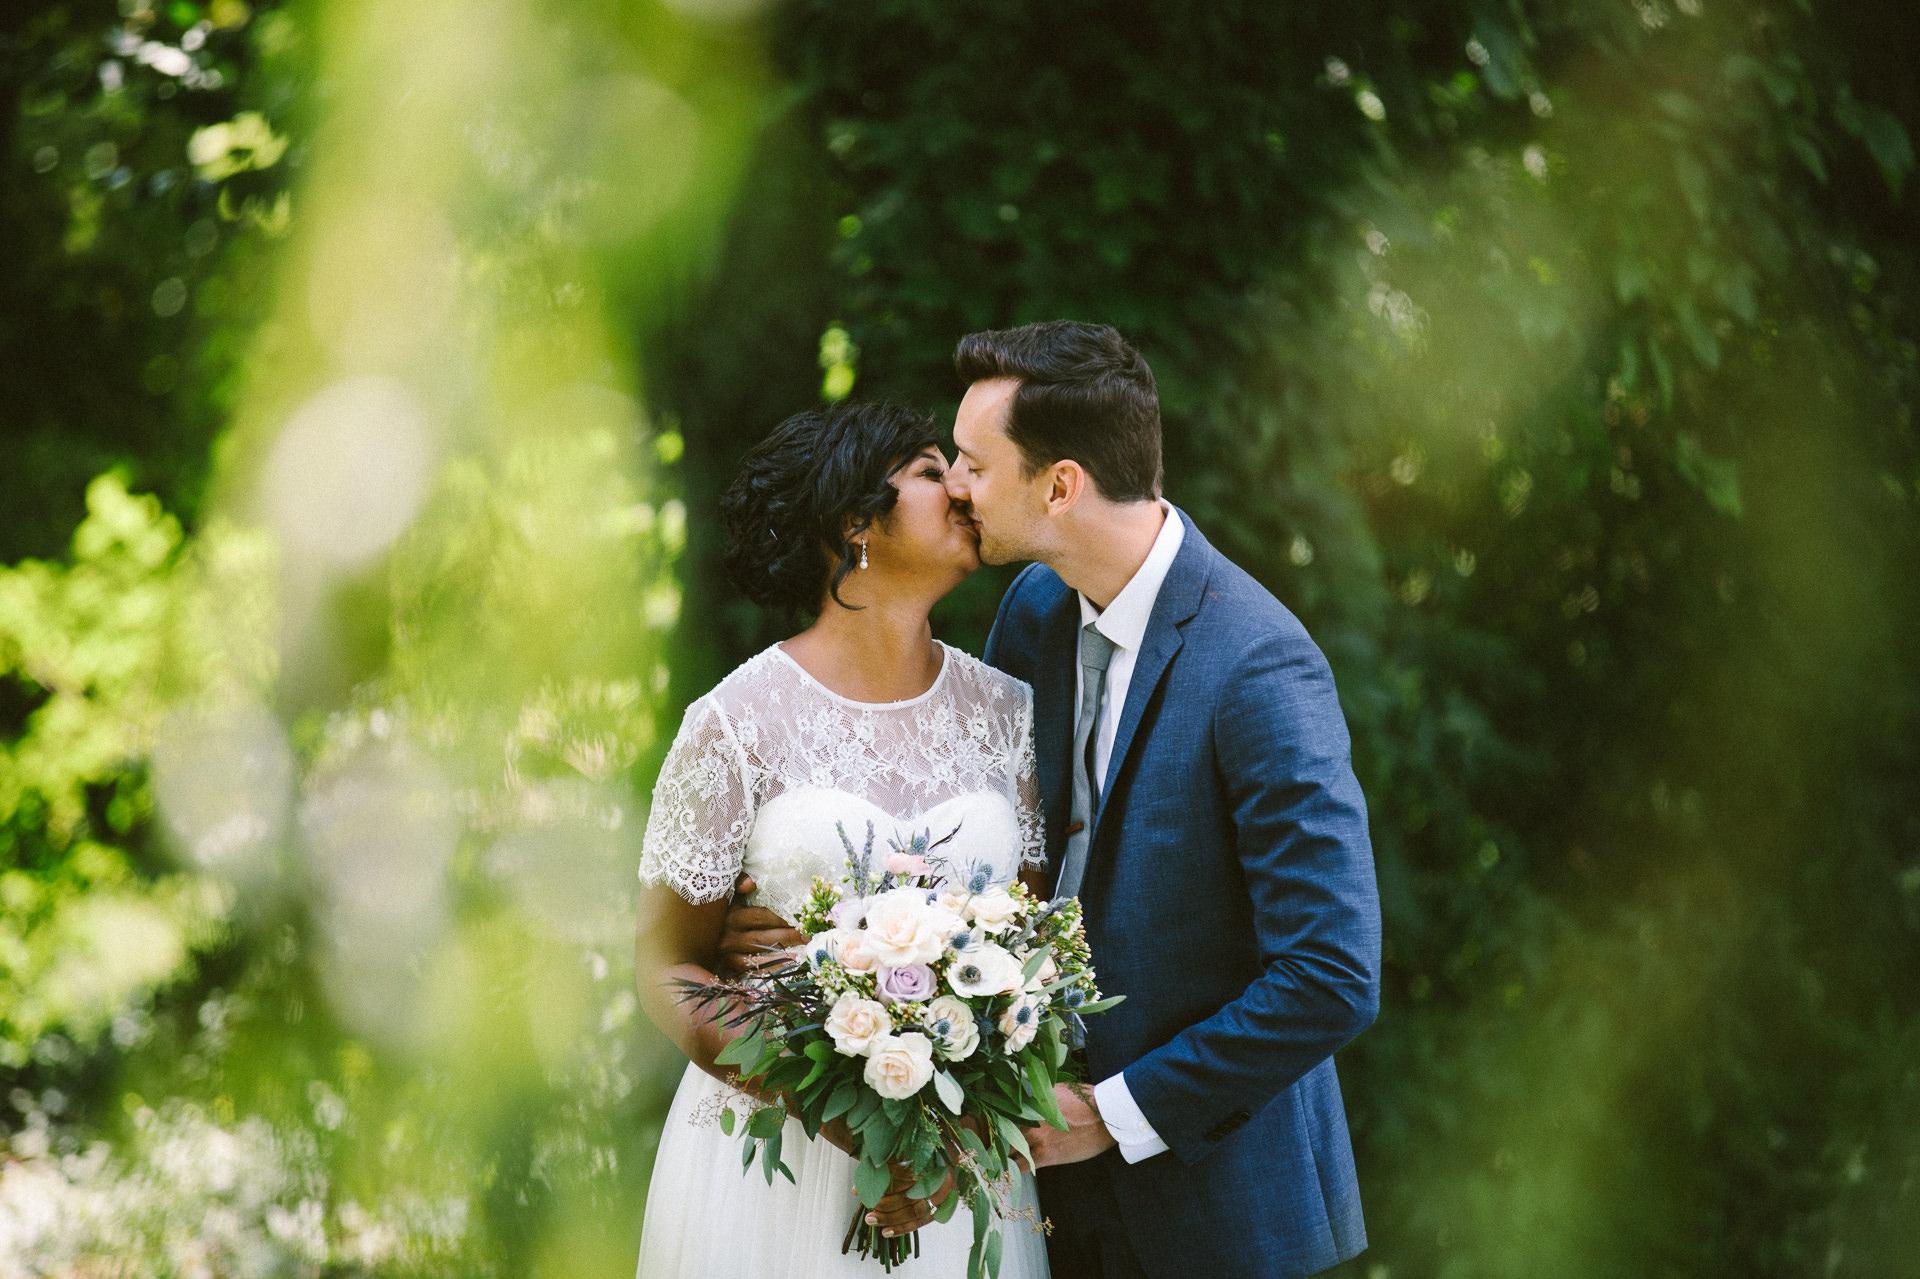 Gervasi Wedding Photographer in Canton Ohio 30.jpg